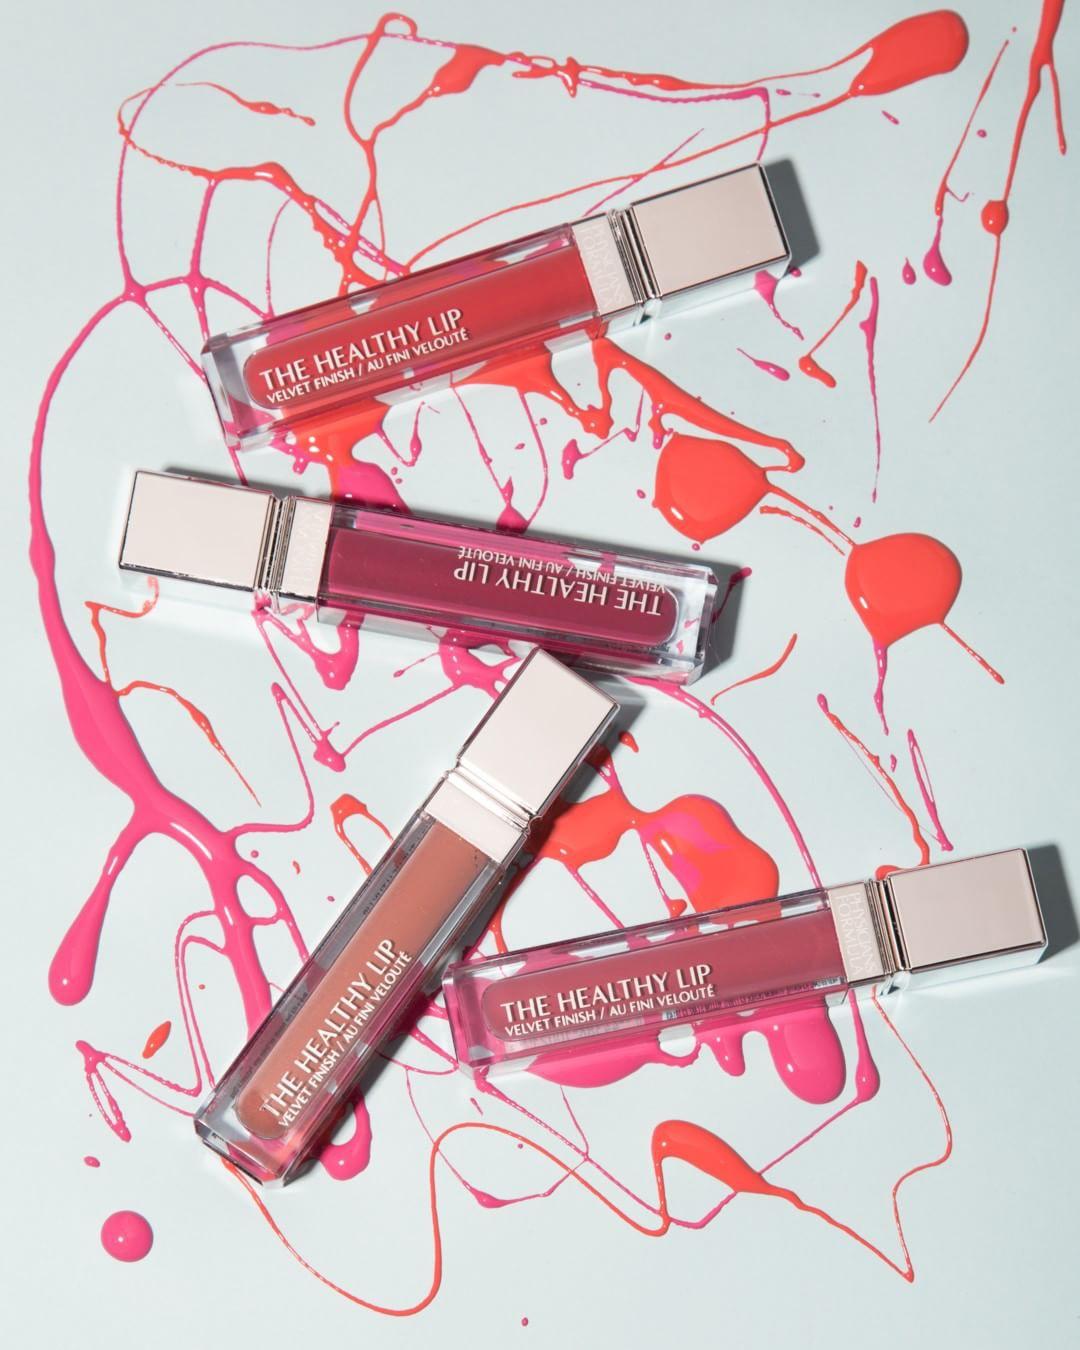 """10 sản phẩm trang điểm dưới 250.000 VNĐ giúp các chị em tiết kiệm được cả """"núi tiền"""" mà vẫn đem lại lớp makeup hoàn hảo - Ảnh 5."""